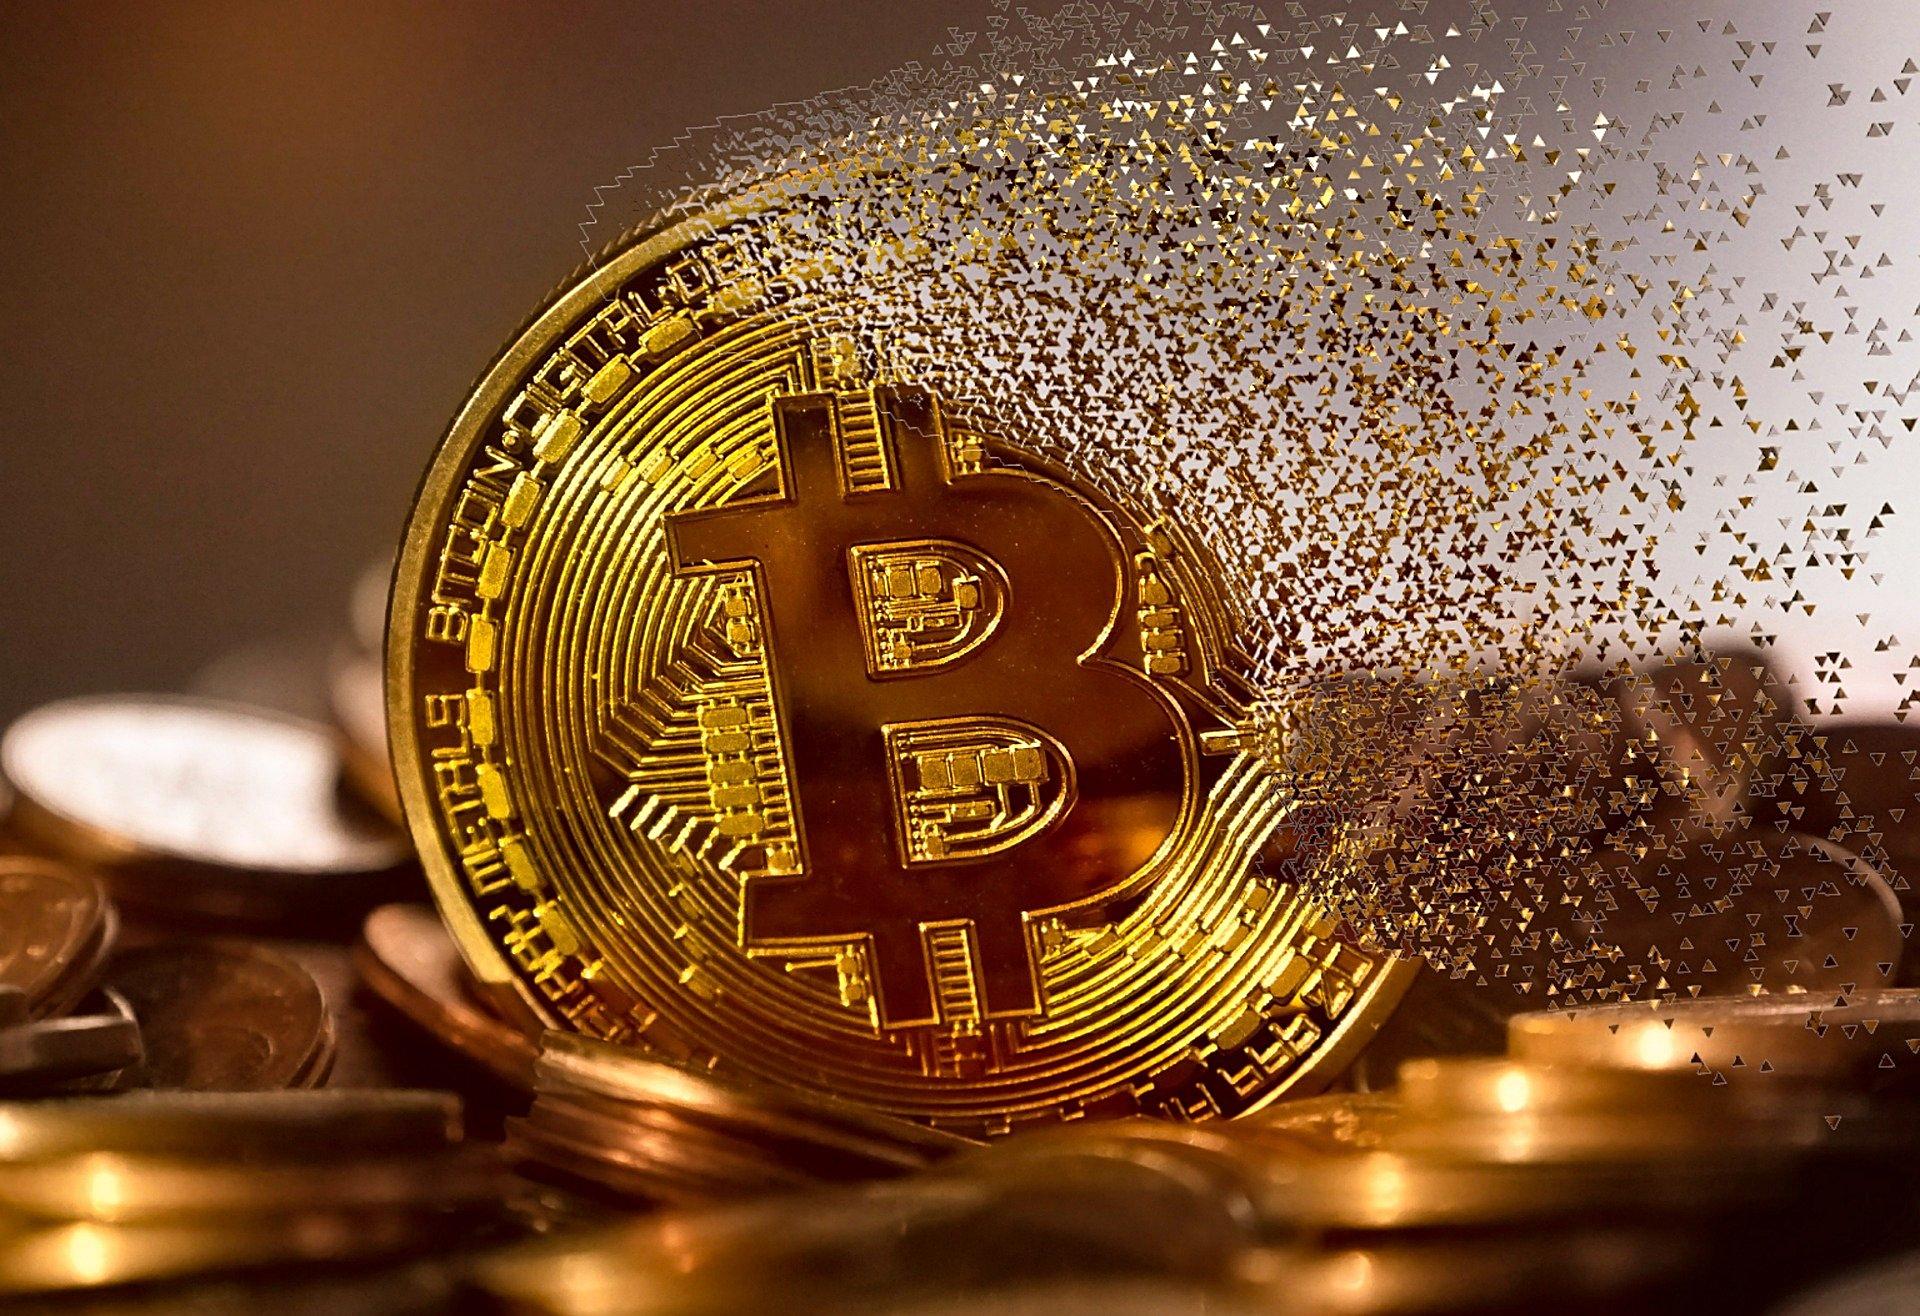 Kurs bitcoina cechuje duża niestabilność. (fot. Pixabay)